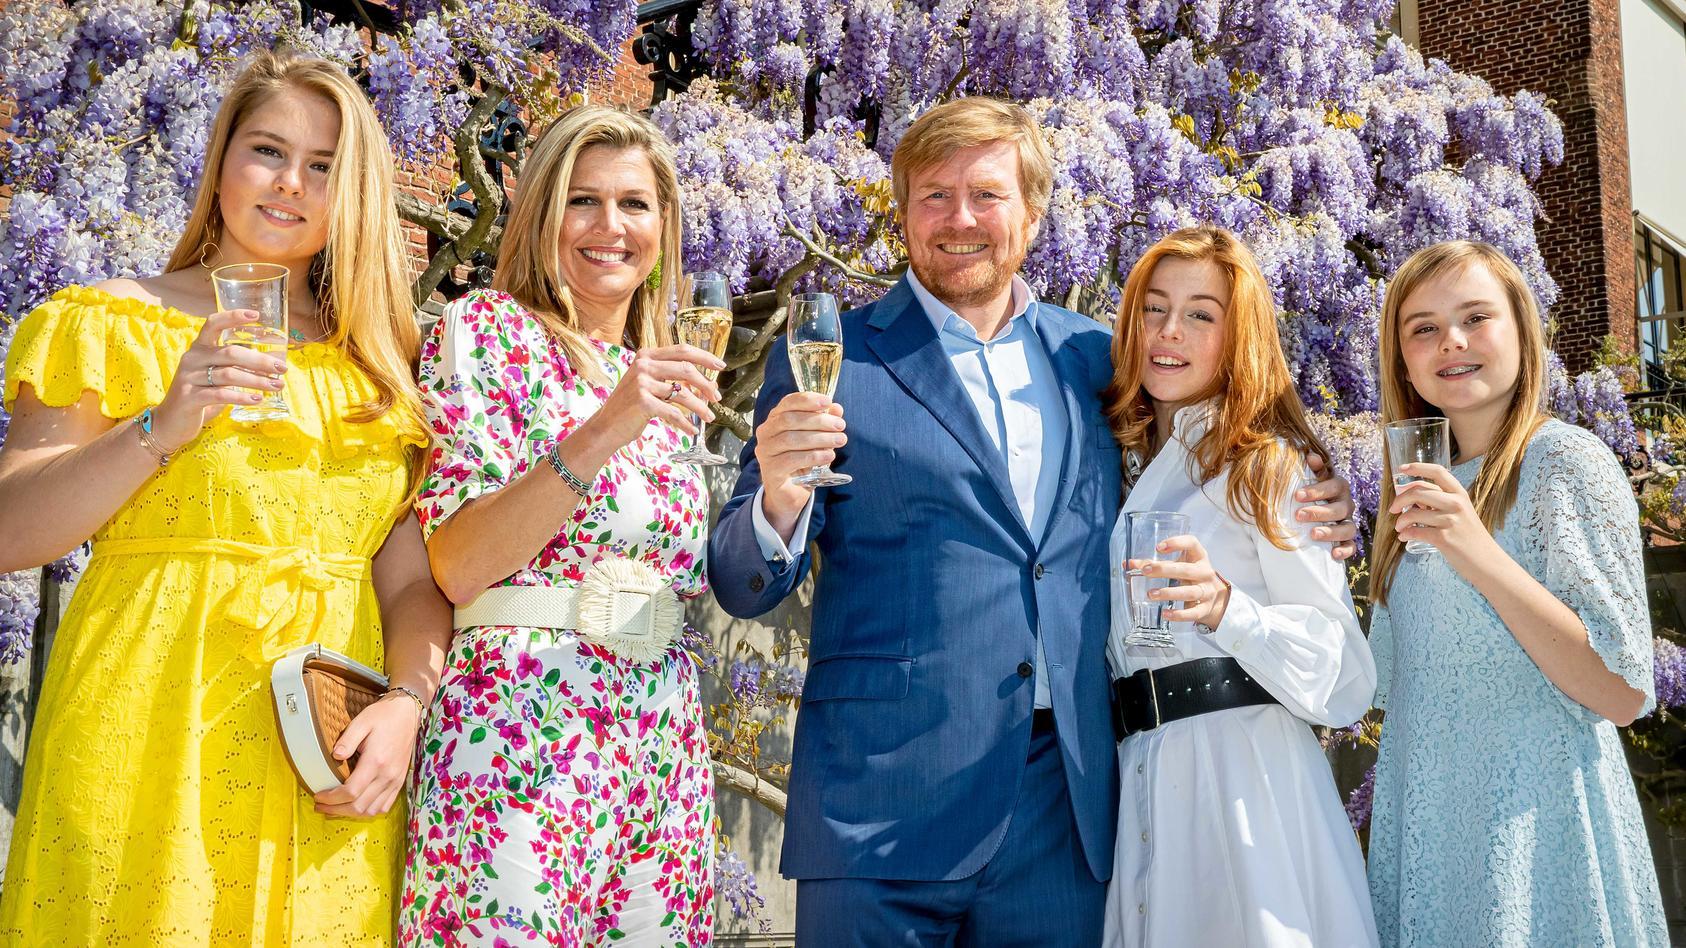 Vor kurzem feierte die niederländische Königsfamilie gemeinsam den Königstag. Jetzt gibt es ein neues Foto des Eltern-Töchter-Gespanns.